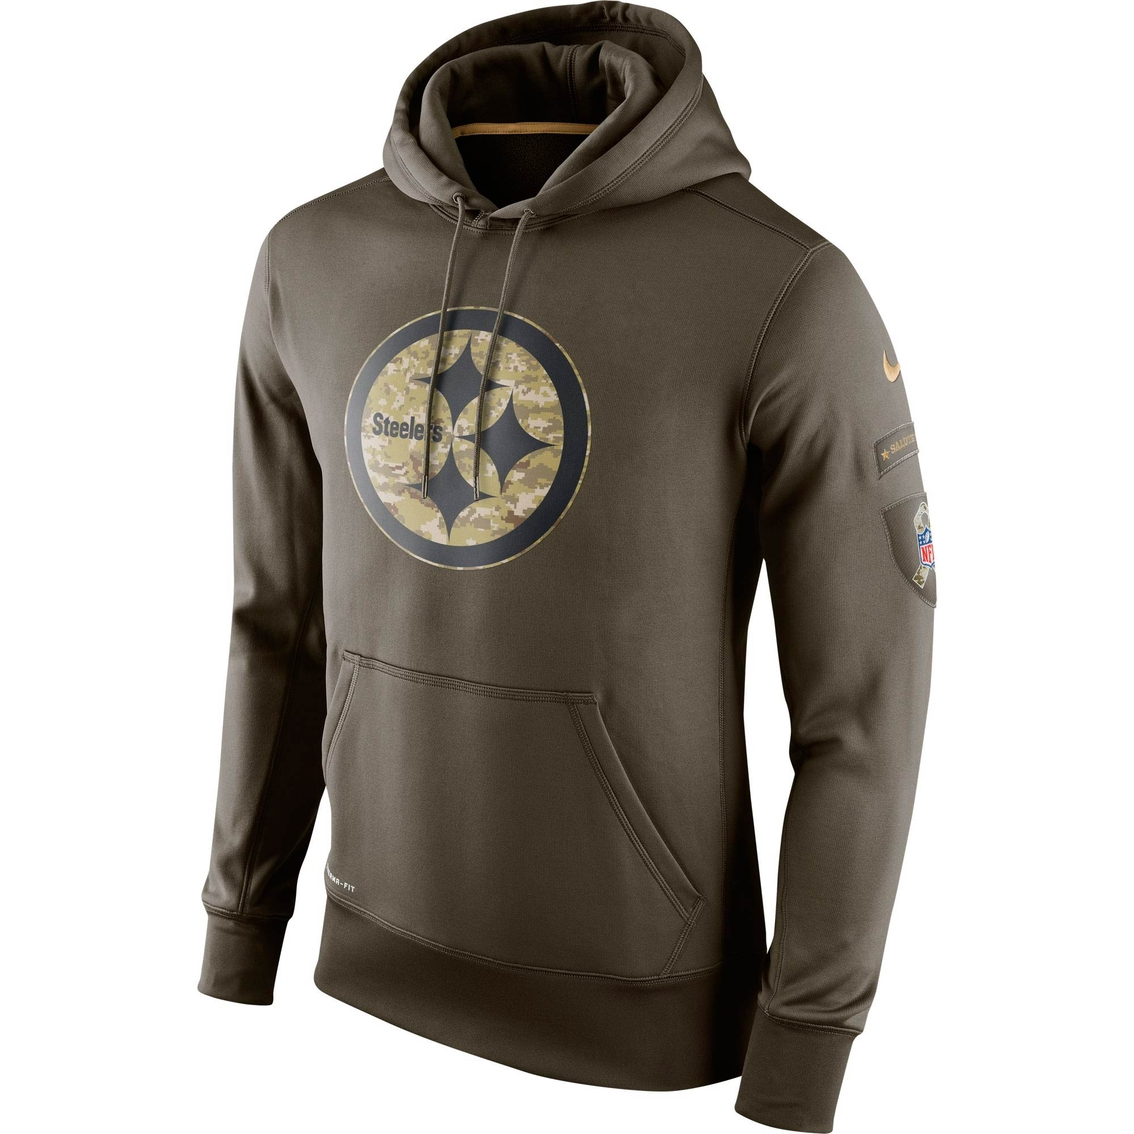 steelers armed forces sweatshirt